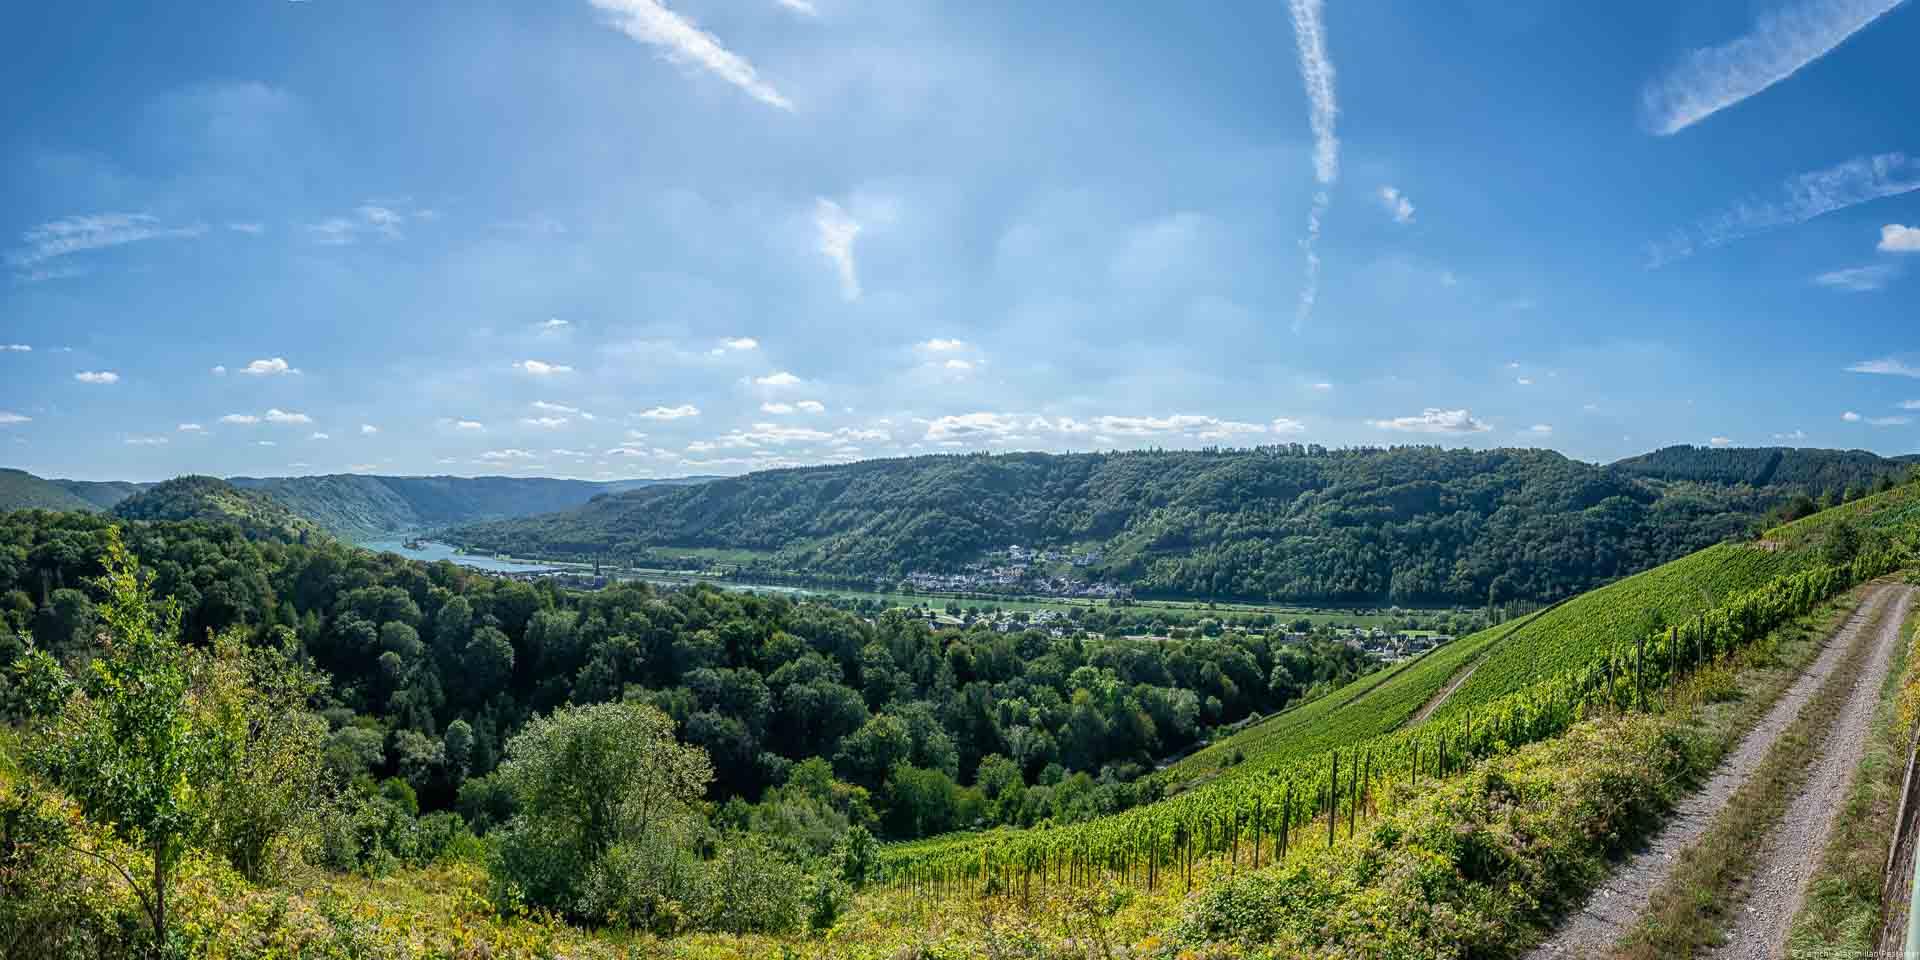 Auf der anderen Uferseite der Mosel erkennt man Kövenig. Vorne liegt der Weinberg Enkircher Monteneubel.